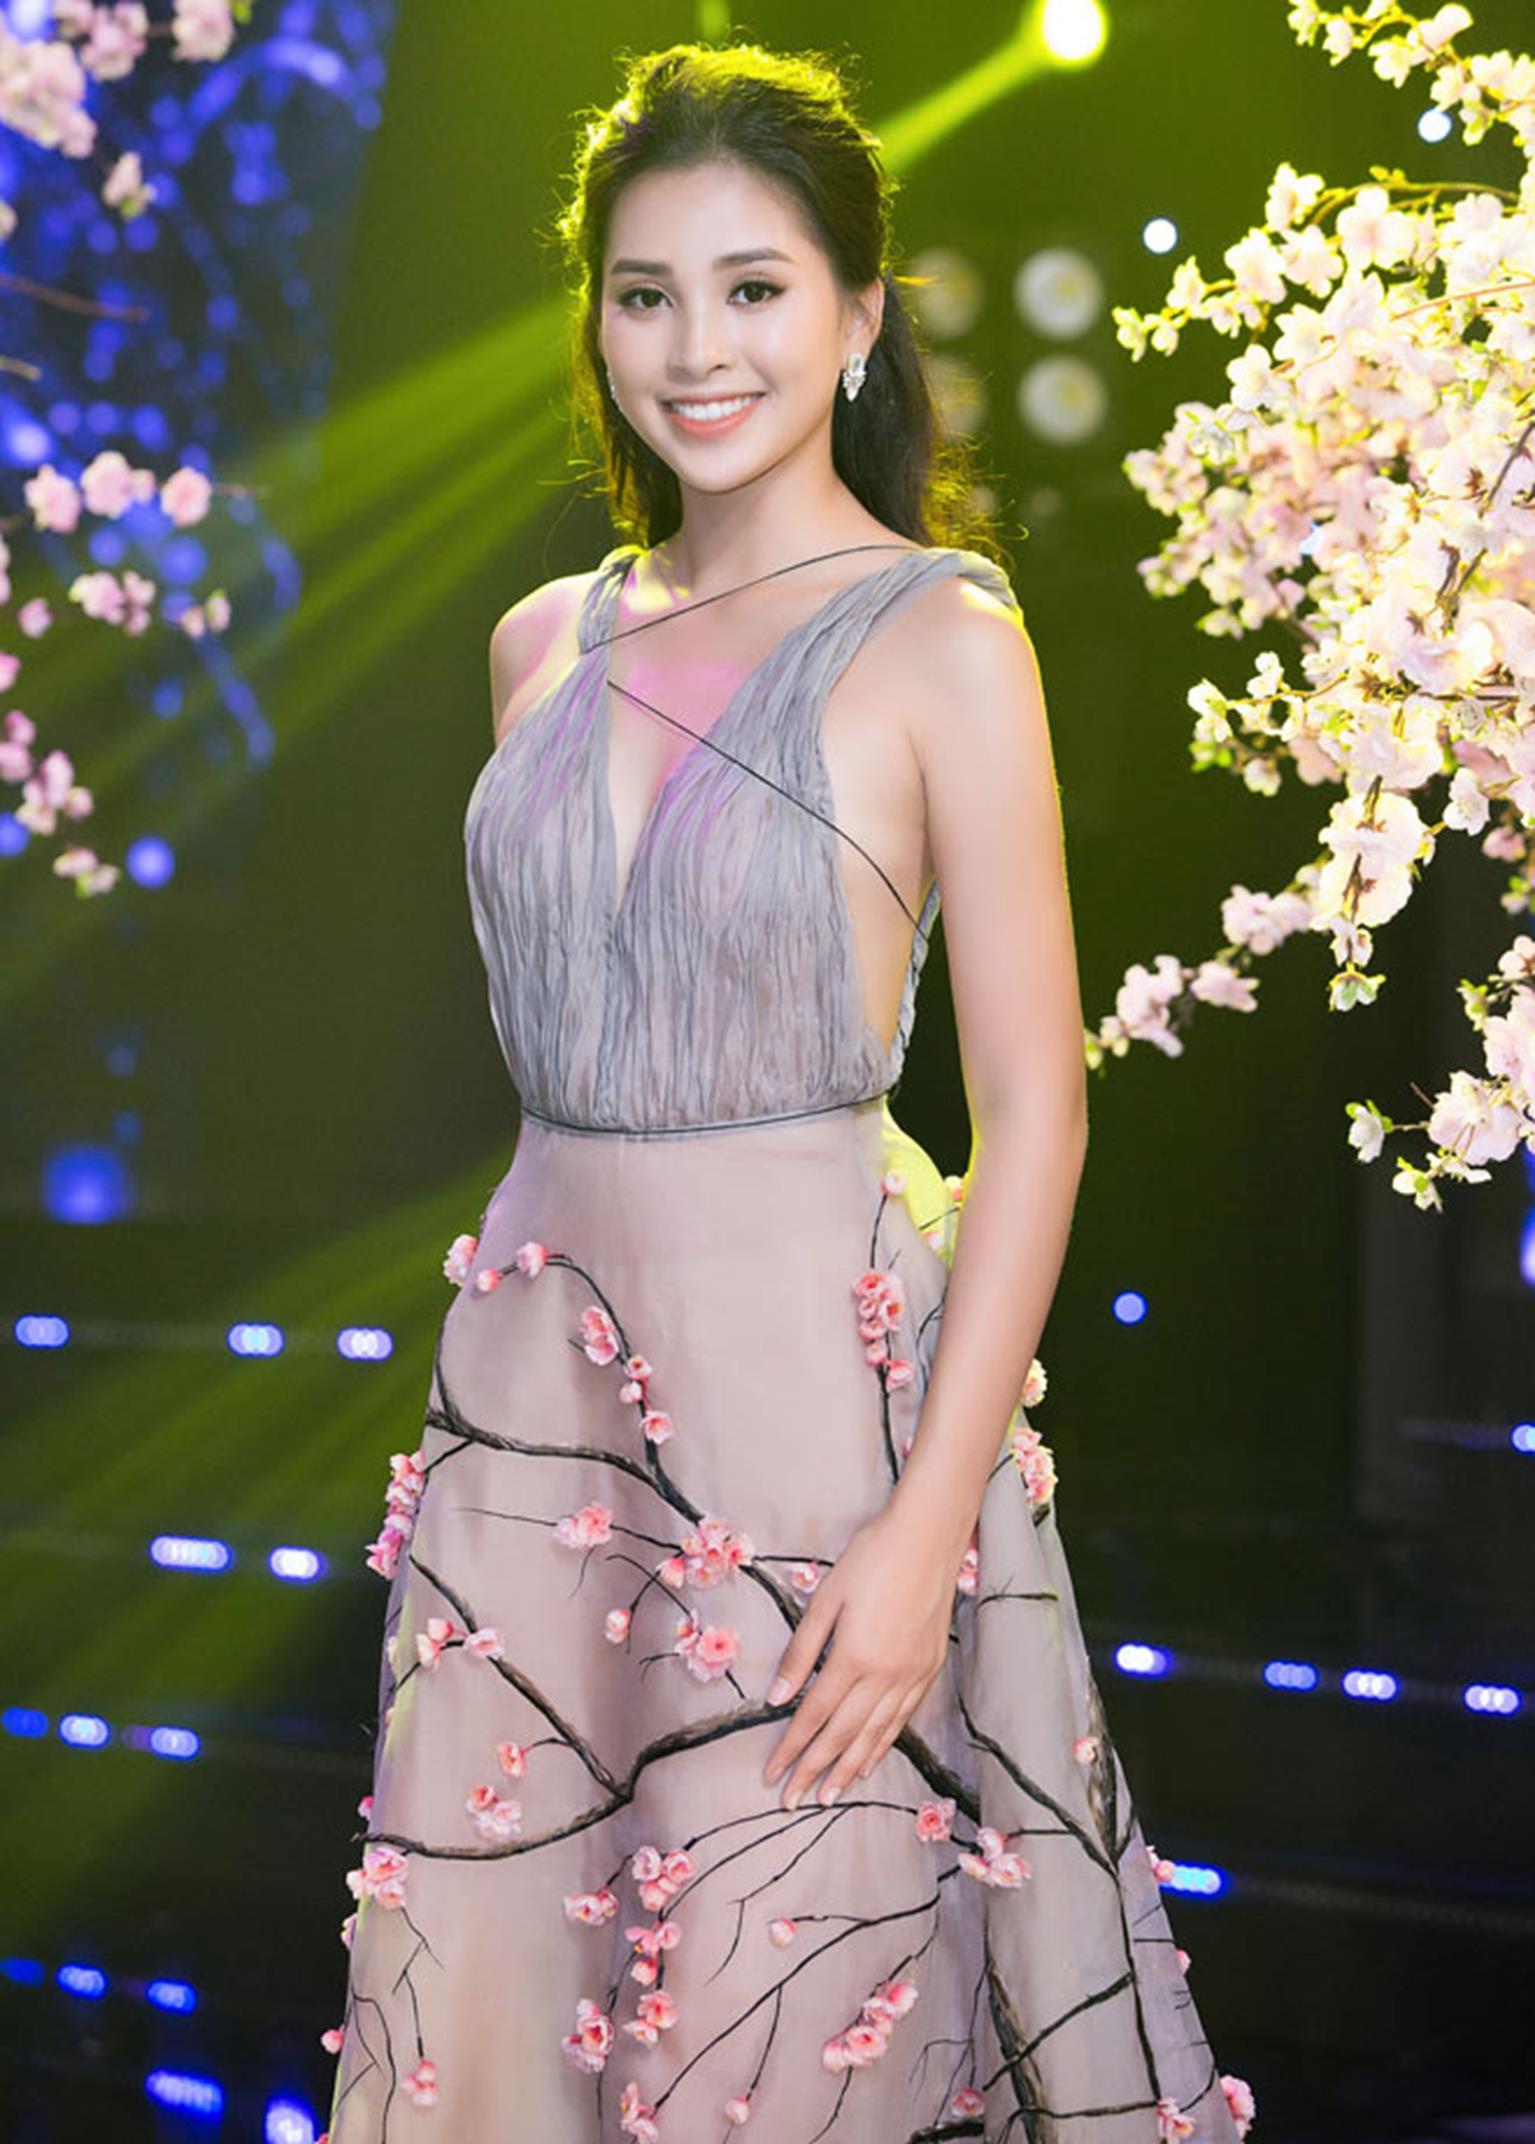 Hoa hậu Tiểu Vy khoe vẻ đẹp mong manh, hát mừng năm mới-5